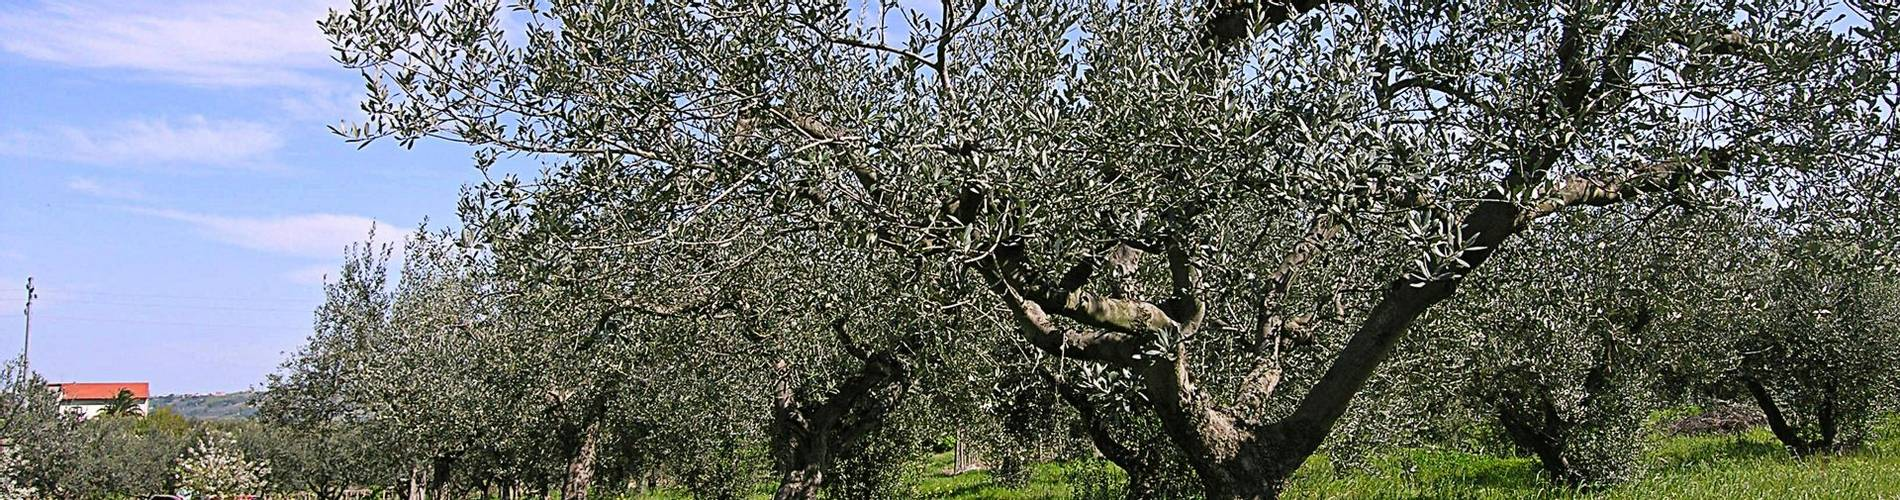 Fattoria Dell'Uliveto, Abruzzo, Italy (4).jpg